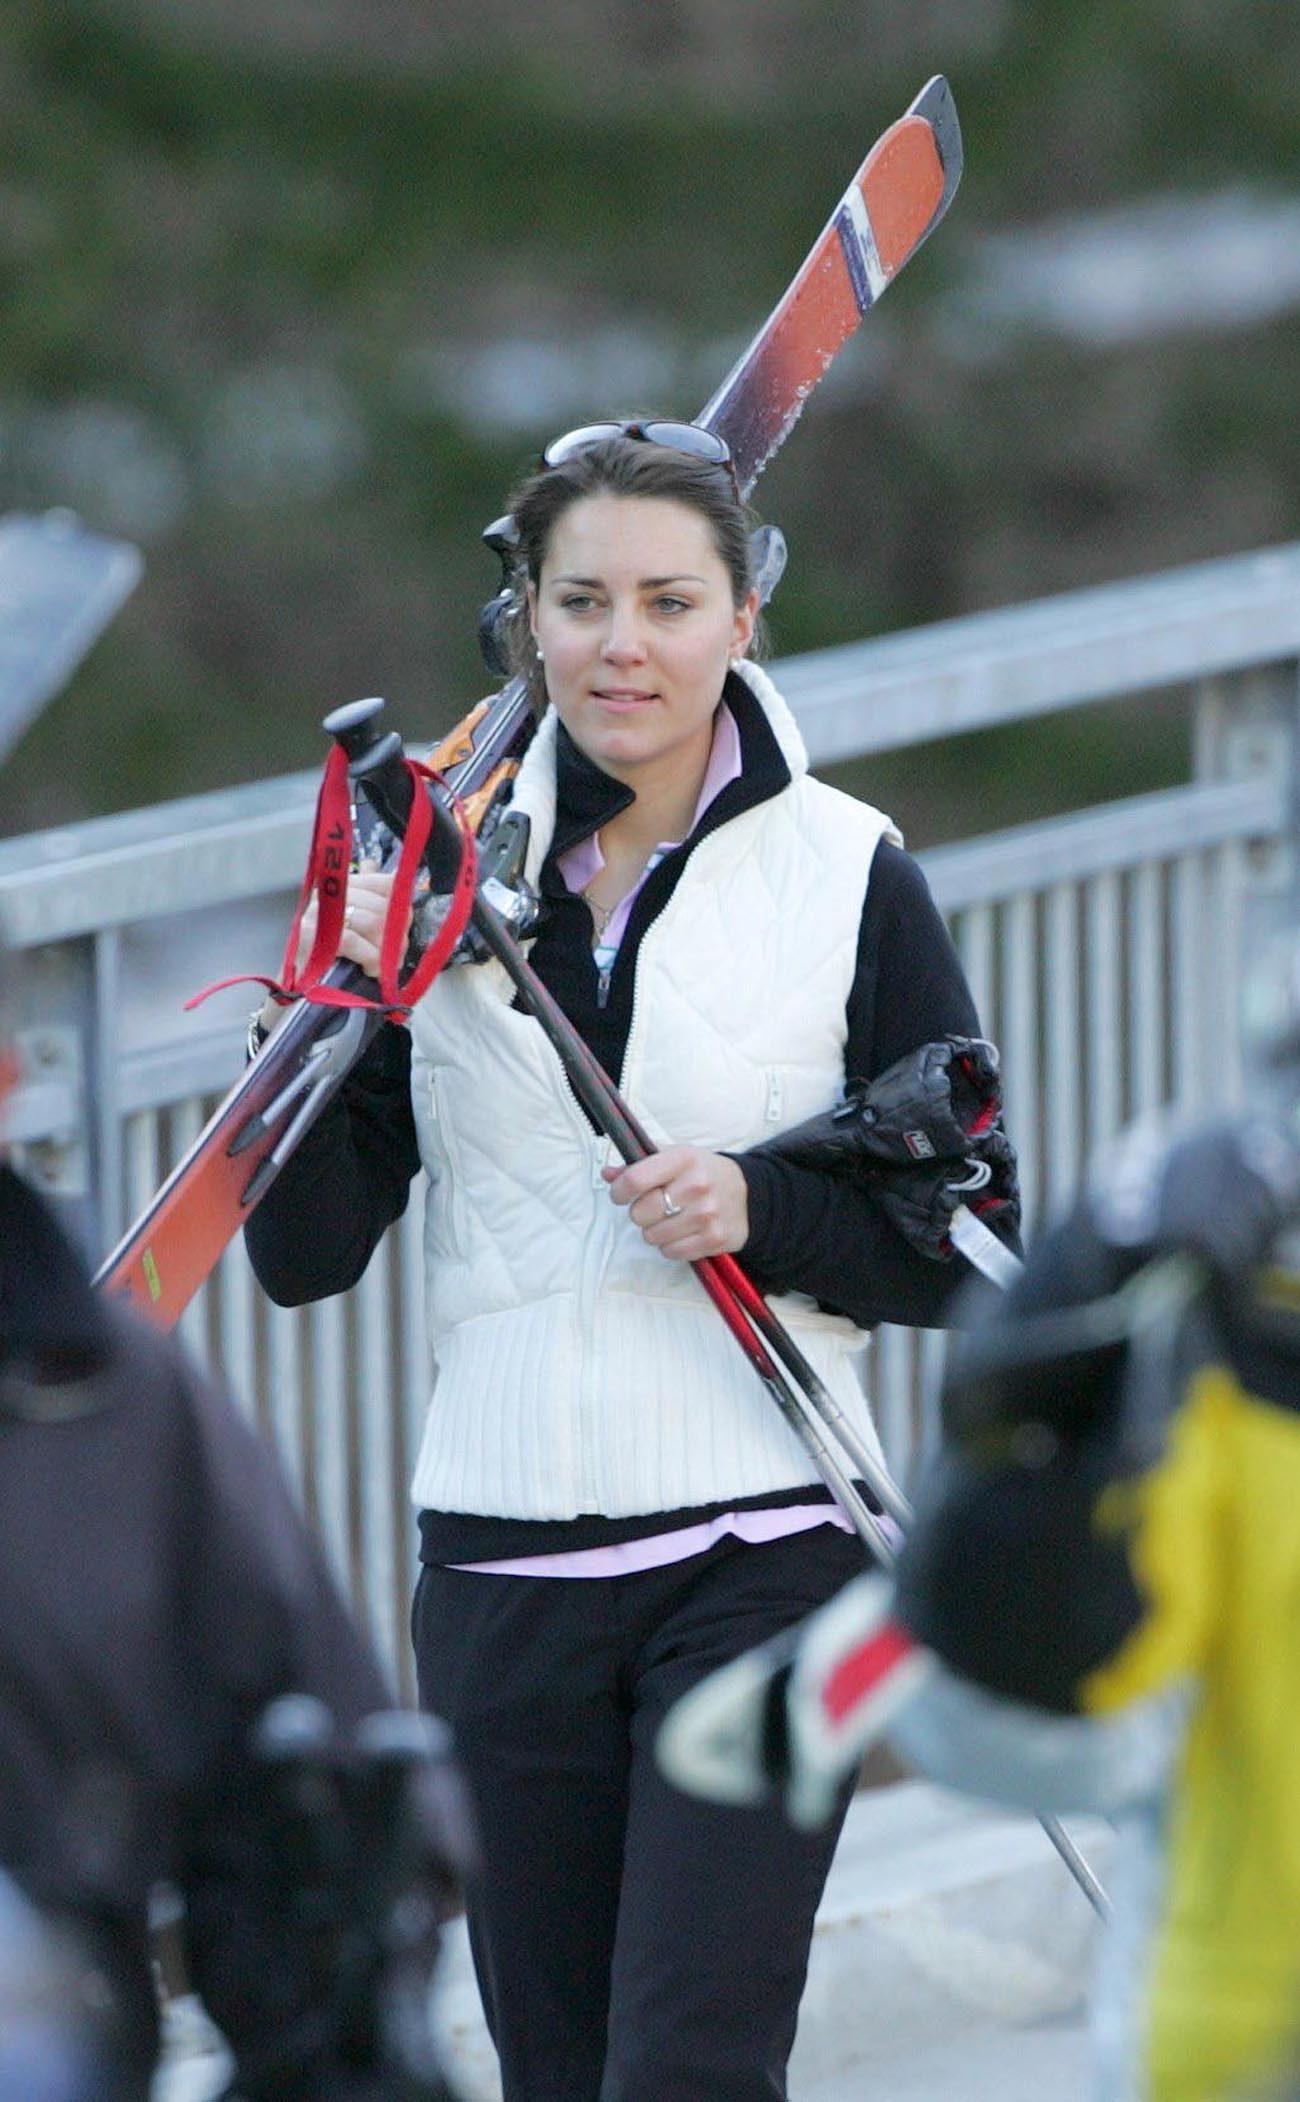 kate middleton ski school